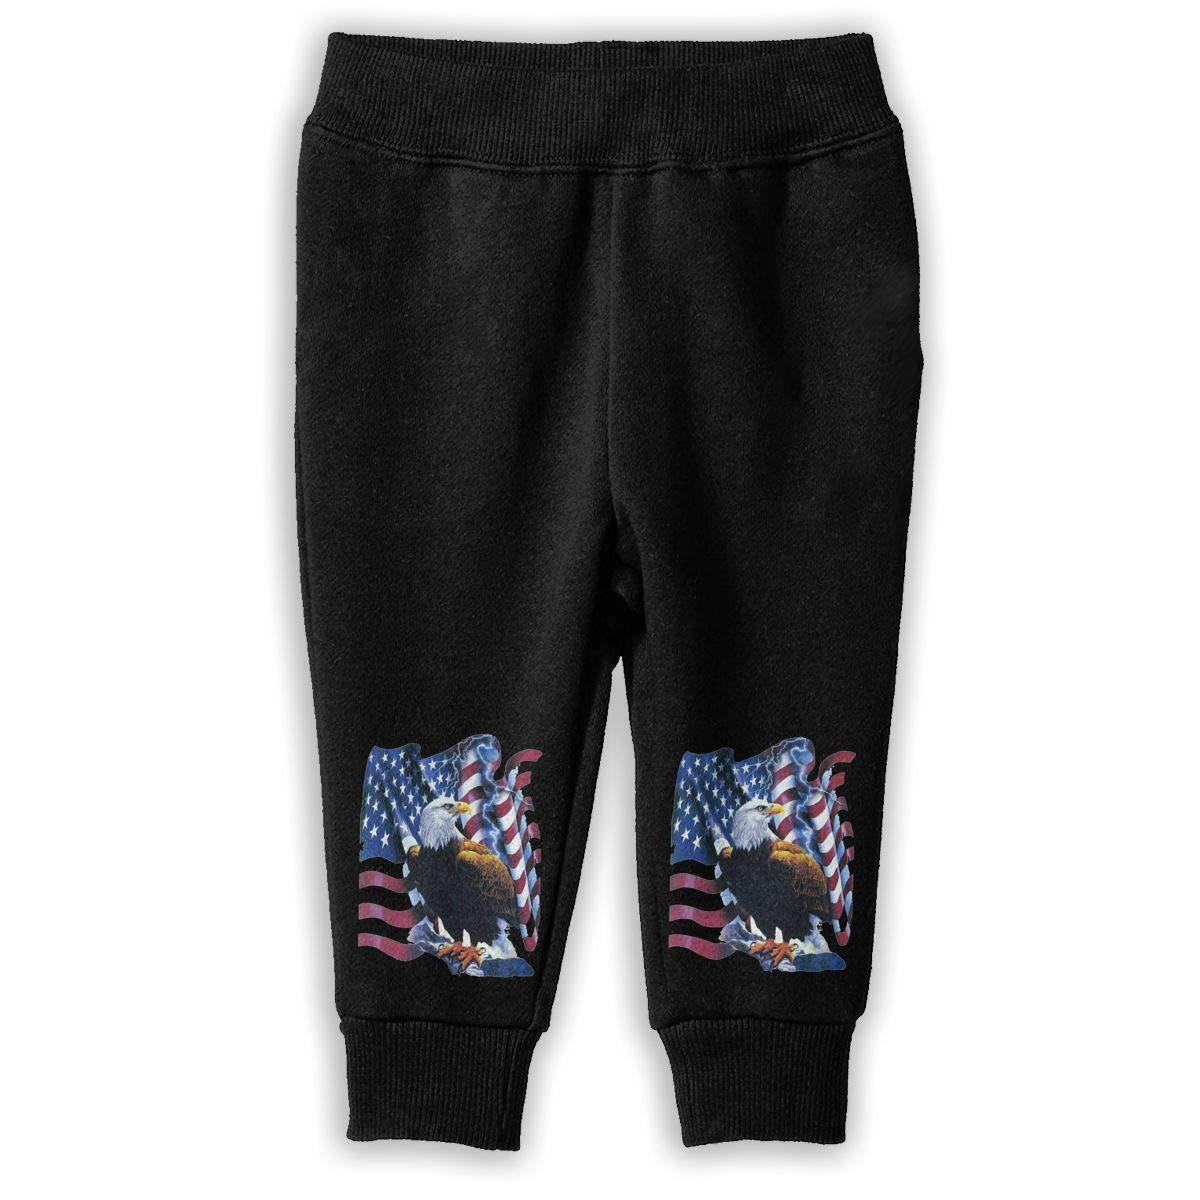 Rainbowhug USA Eagle Unisex Children Sweatpants Boys Unique Soft Cozy Trousers for Kids